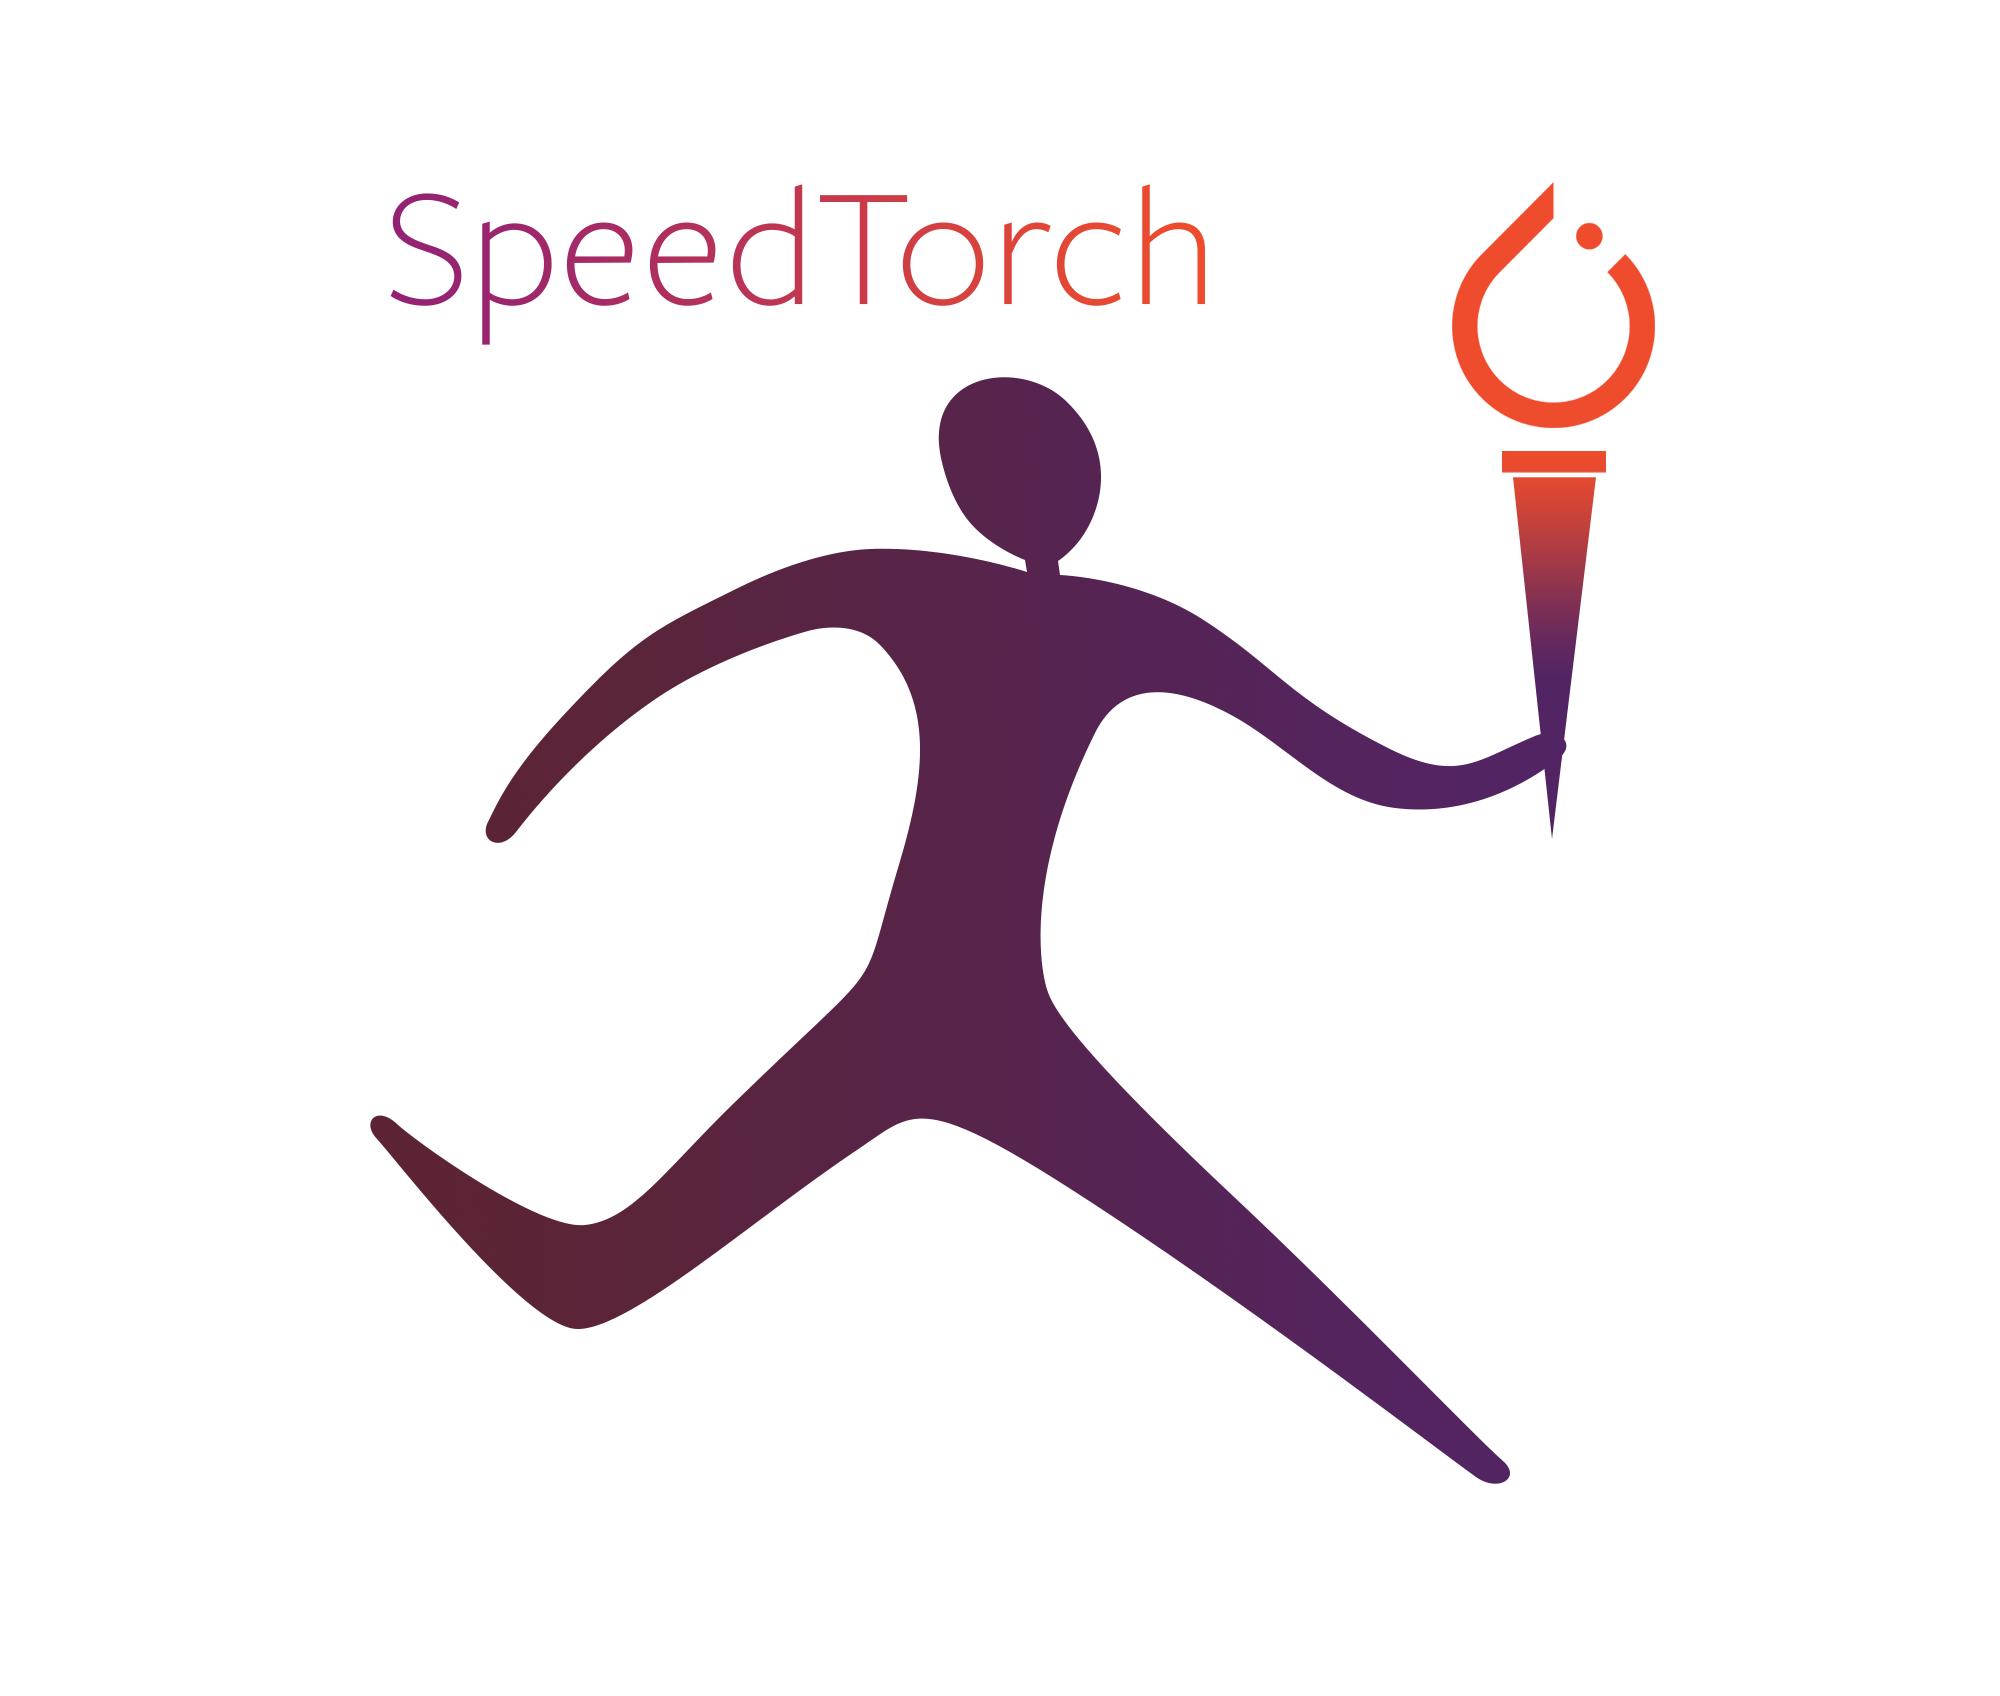 Santosh-Gupta/SpeedTorch